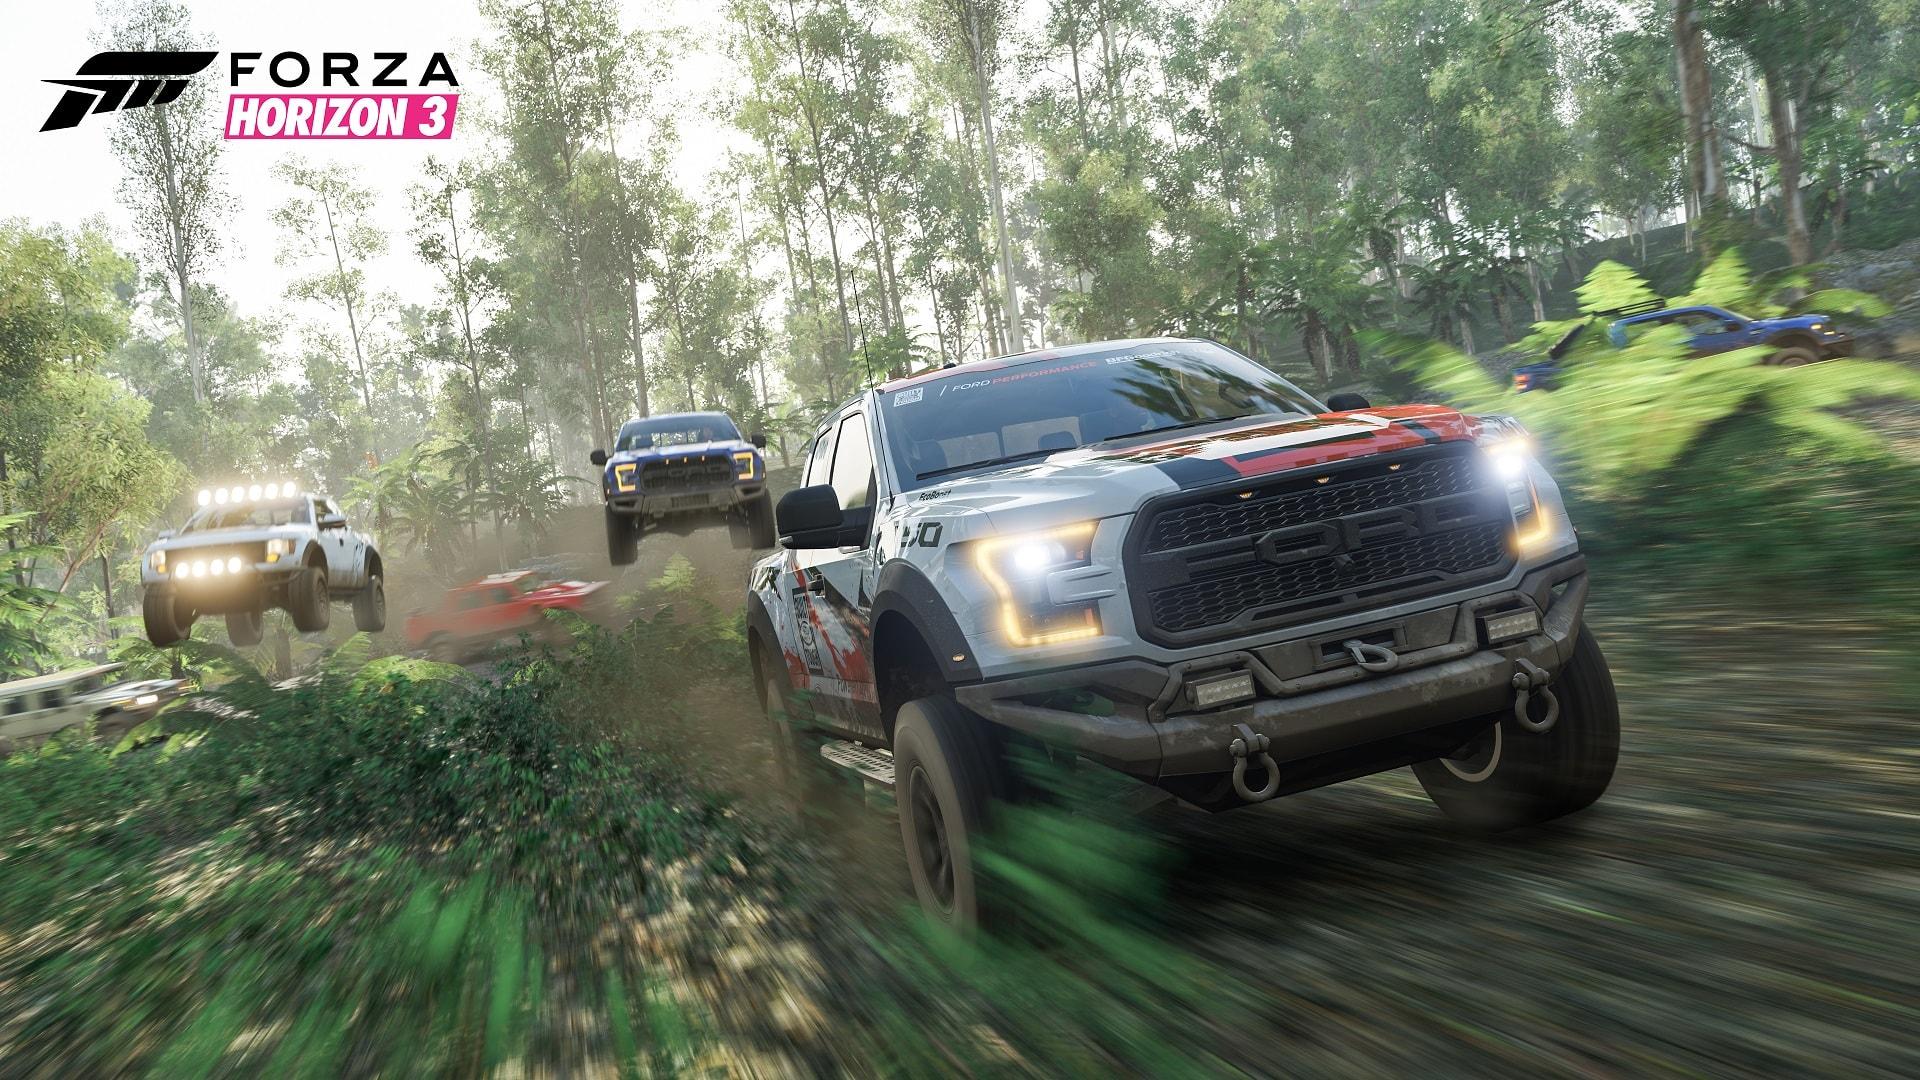 Forza Horizon 3 Widescreen for desktop